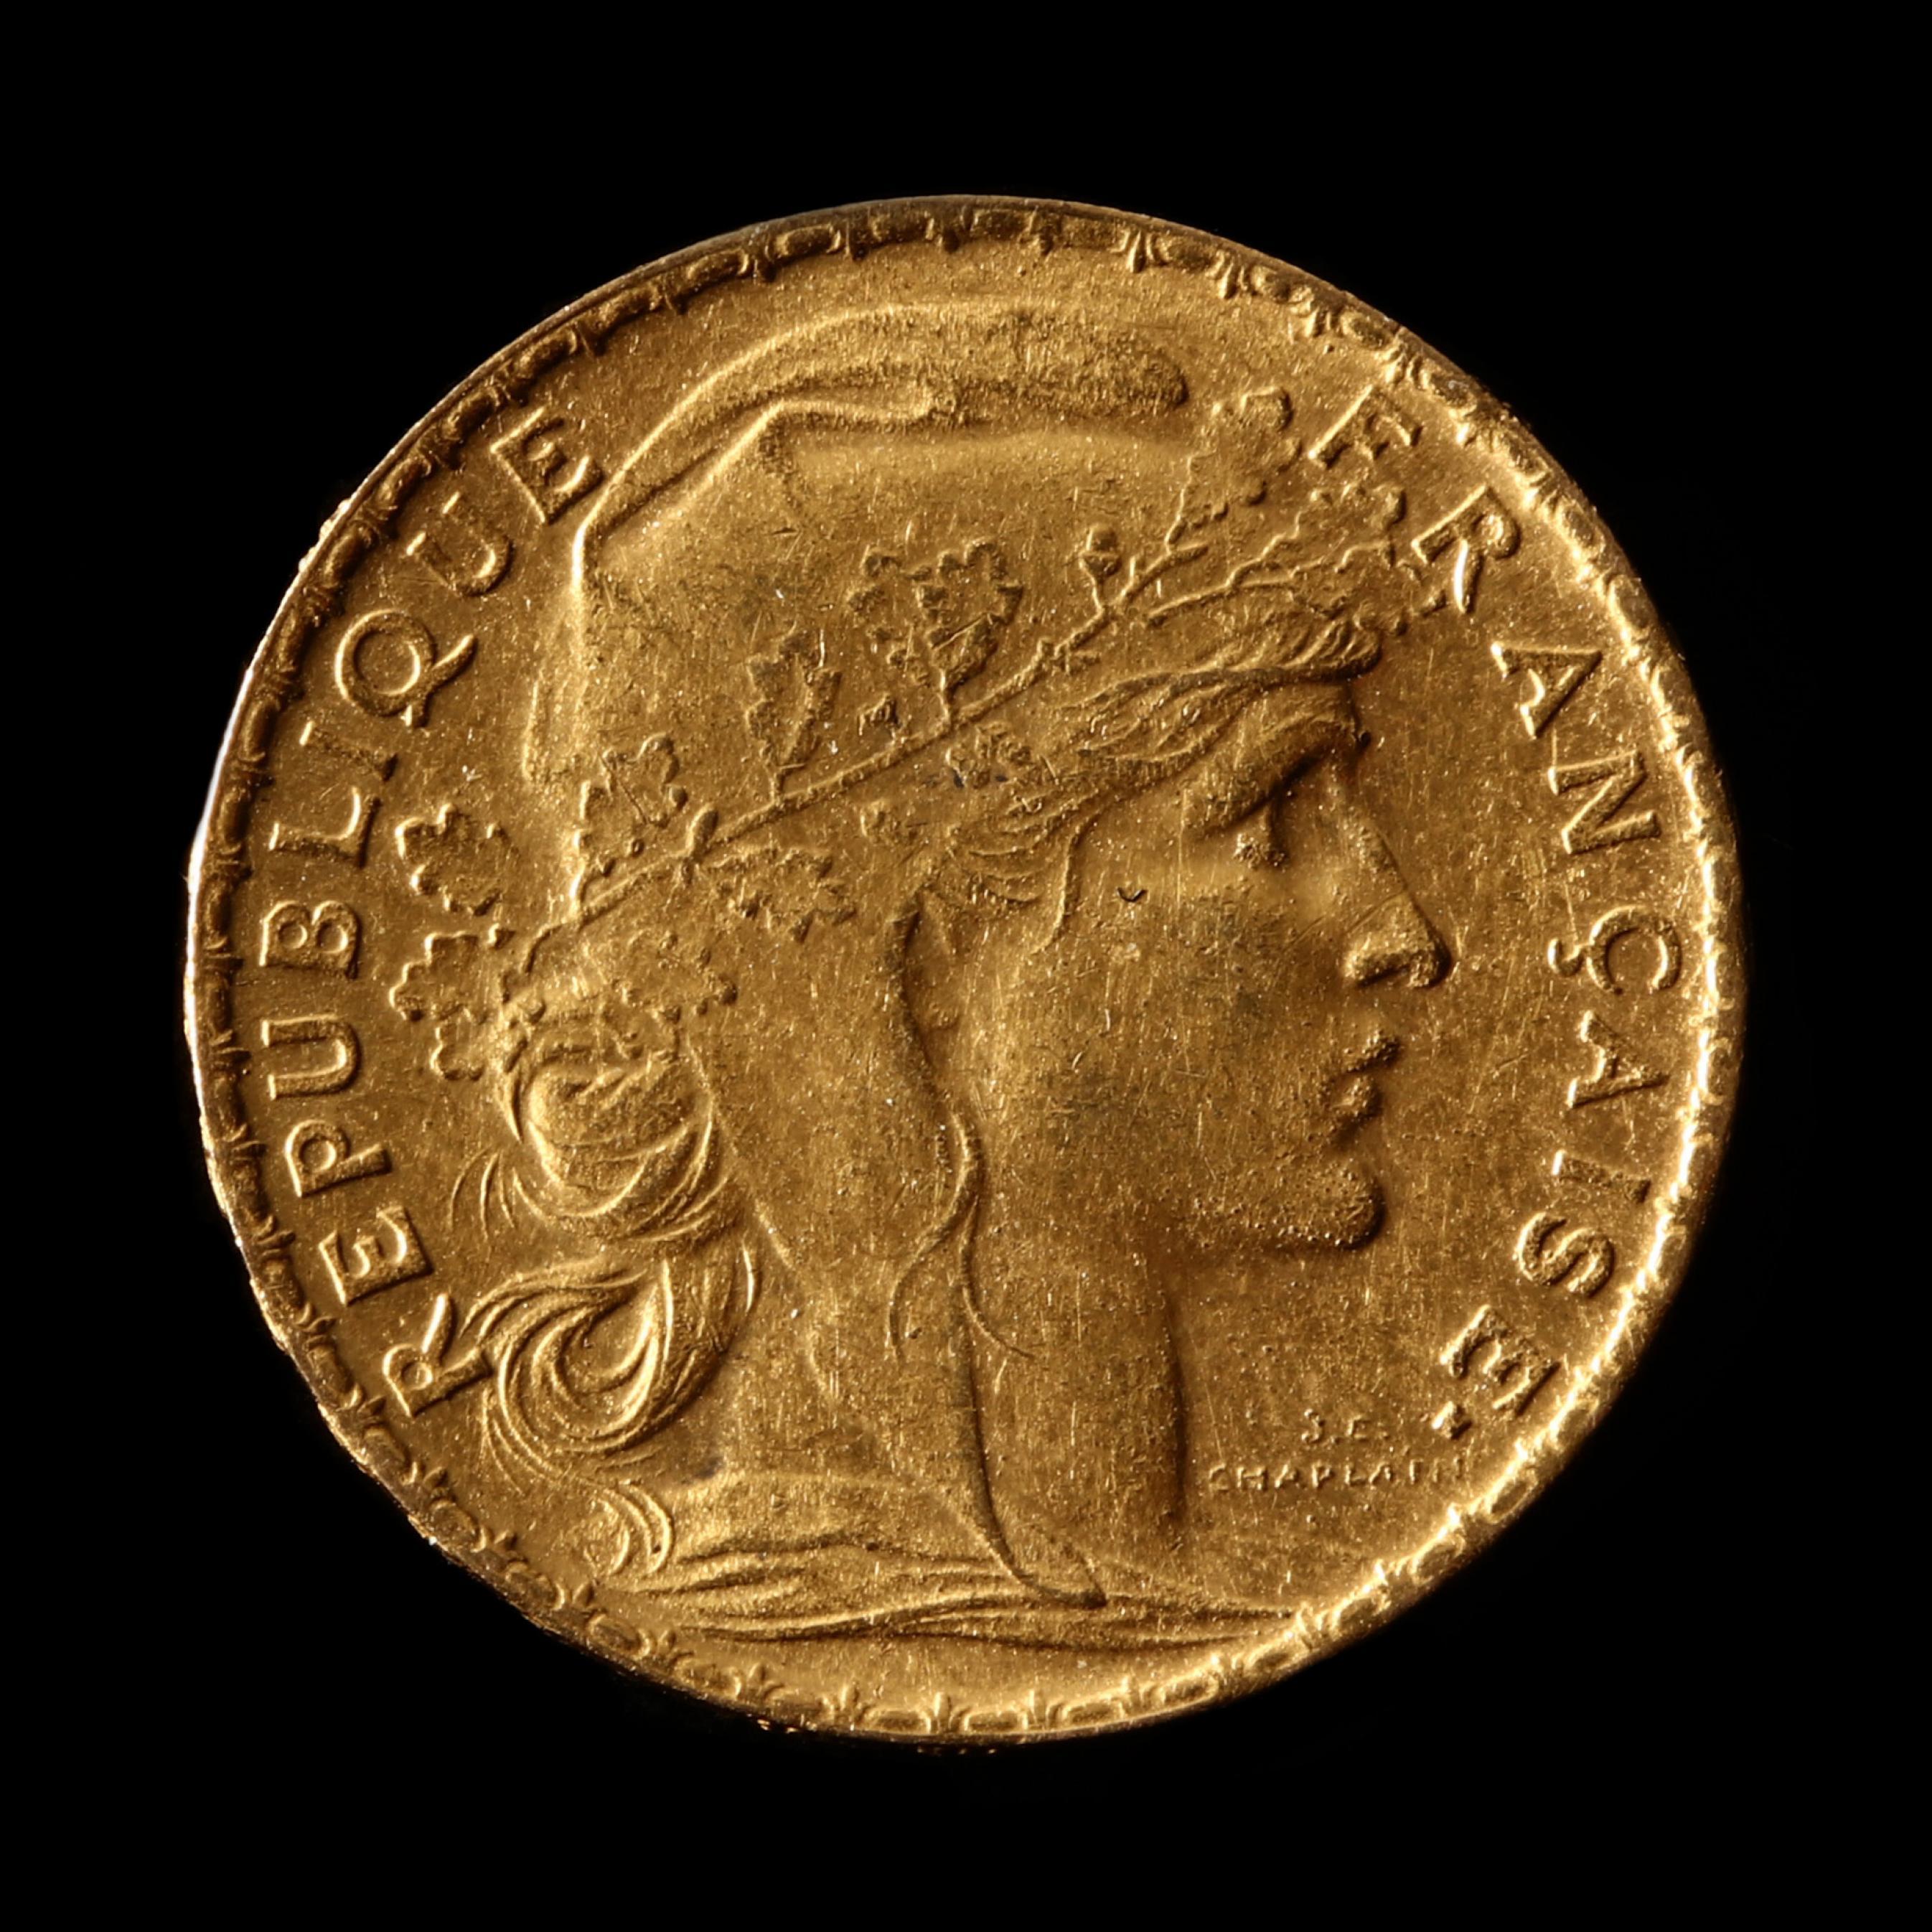 france-1913-gold-20-francs